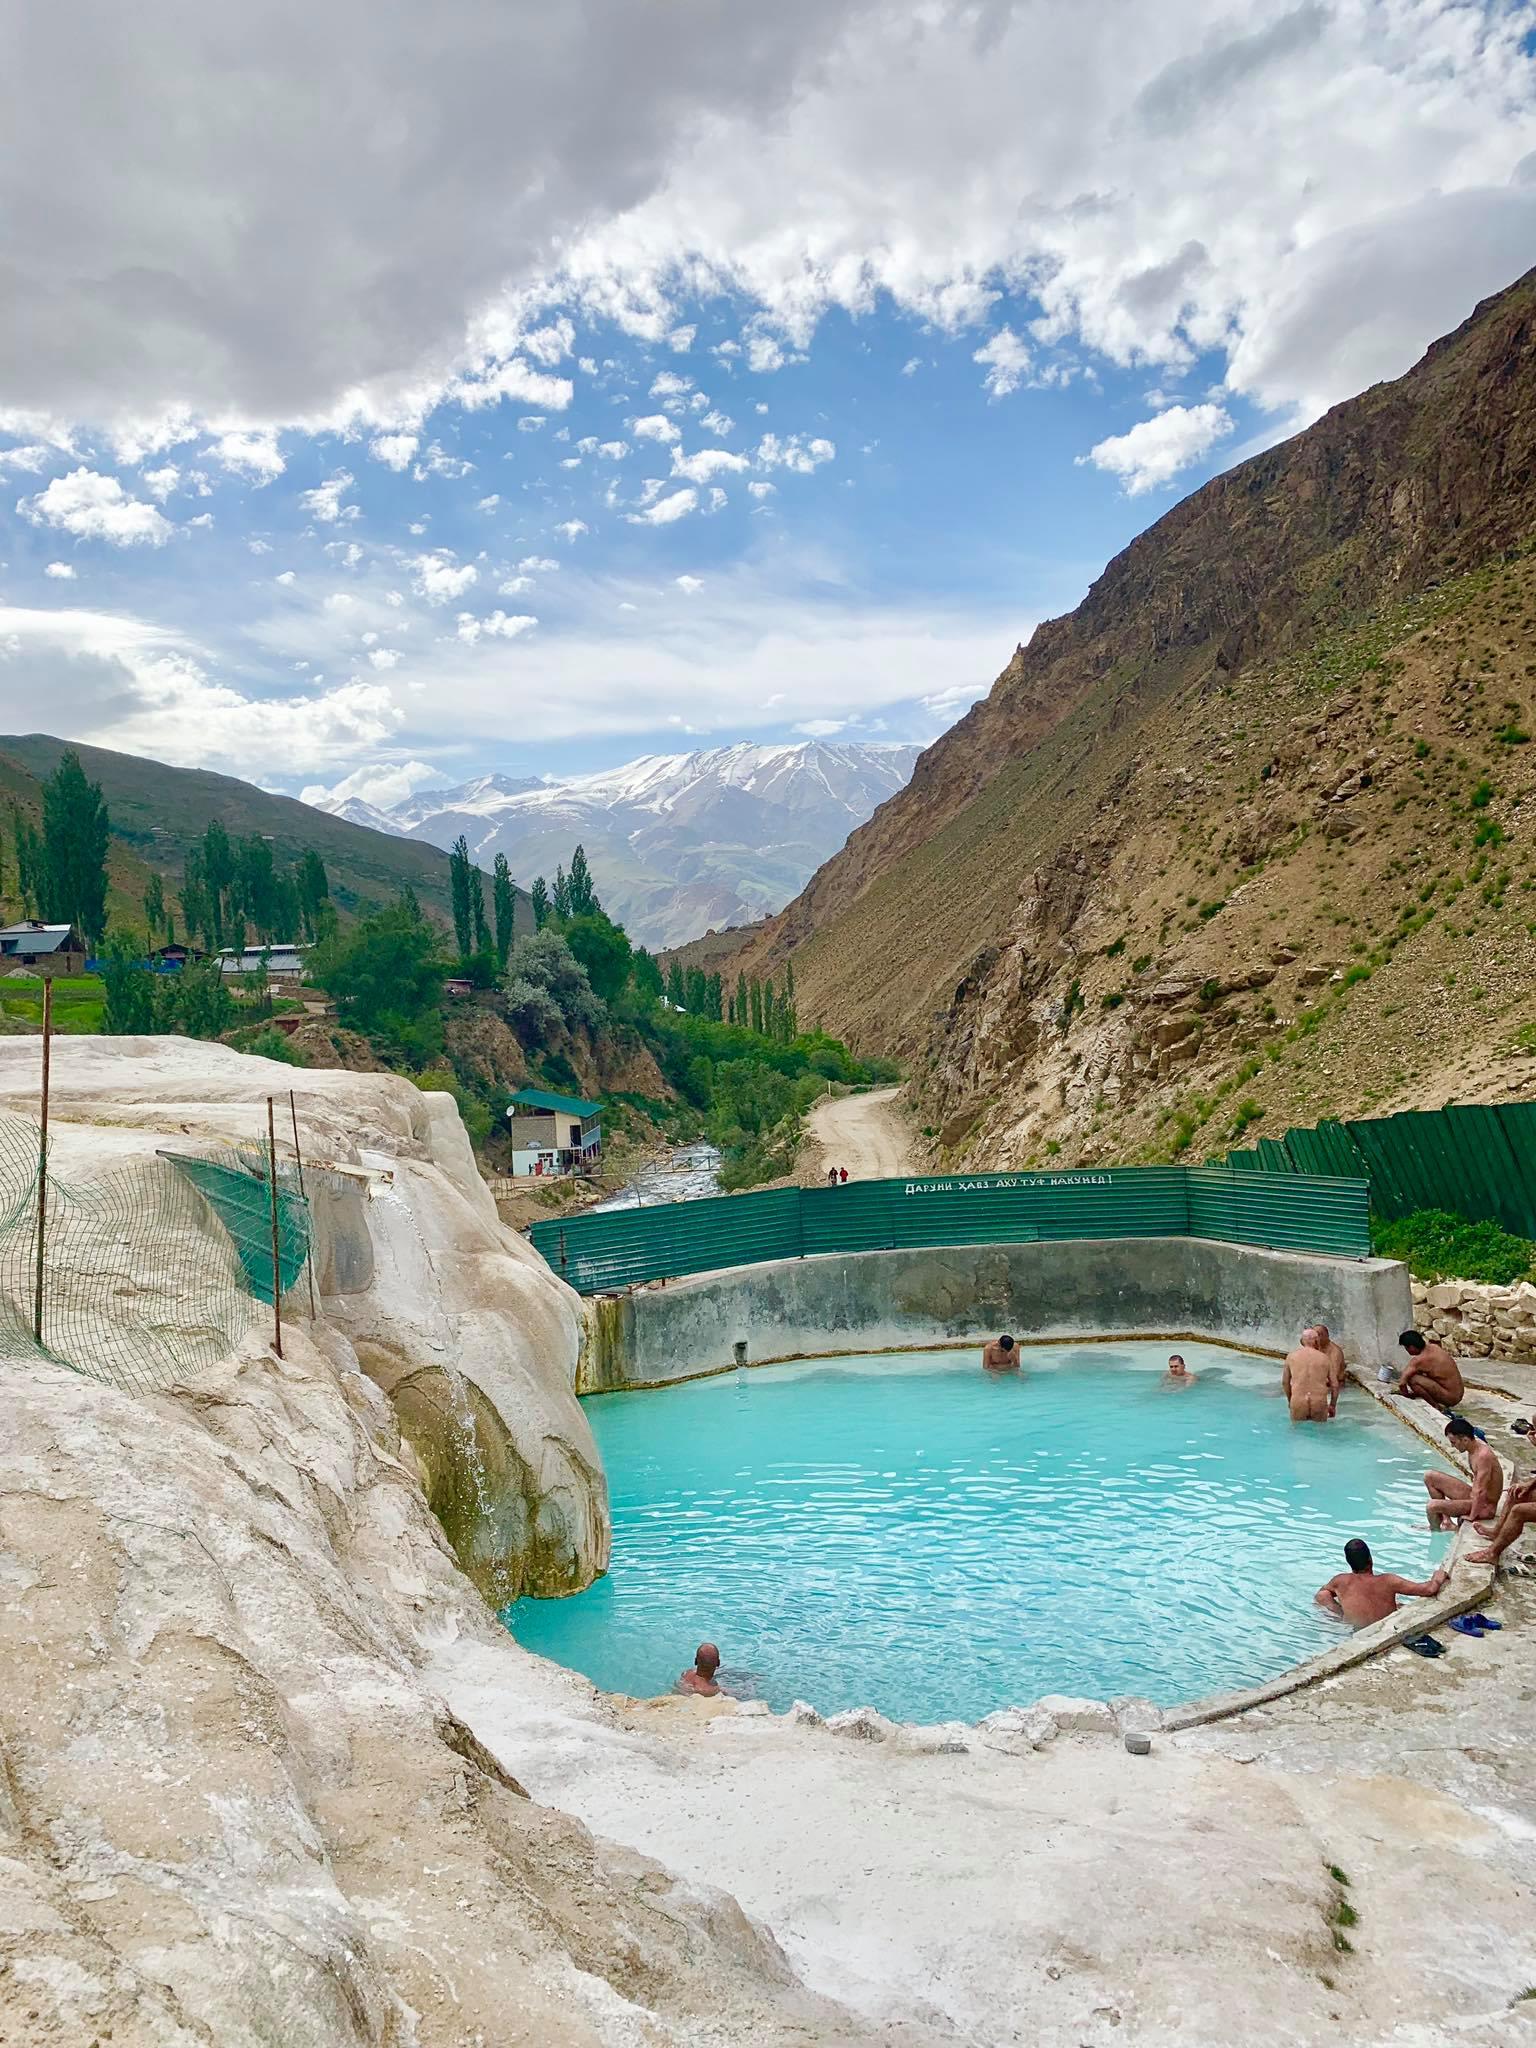 Kach Solo Travels in 2019 Pamir Highway Trip in Tajikistan8.jpg